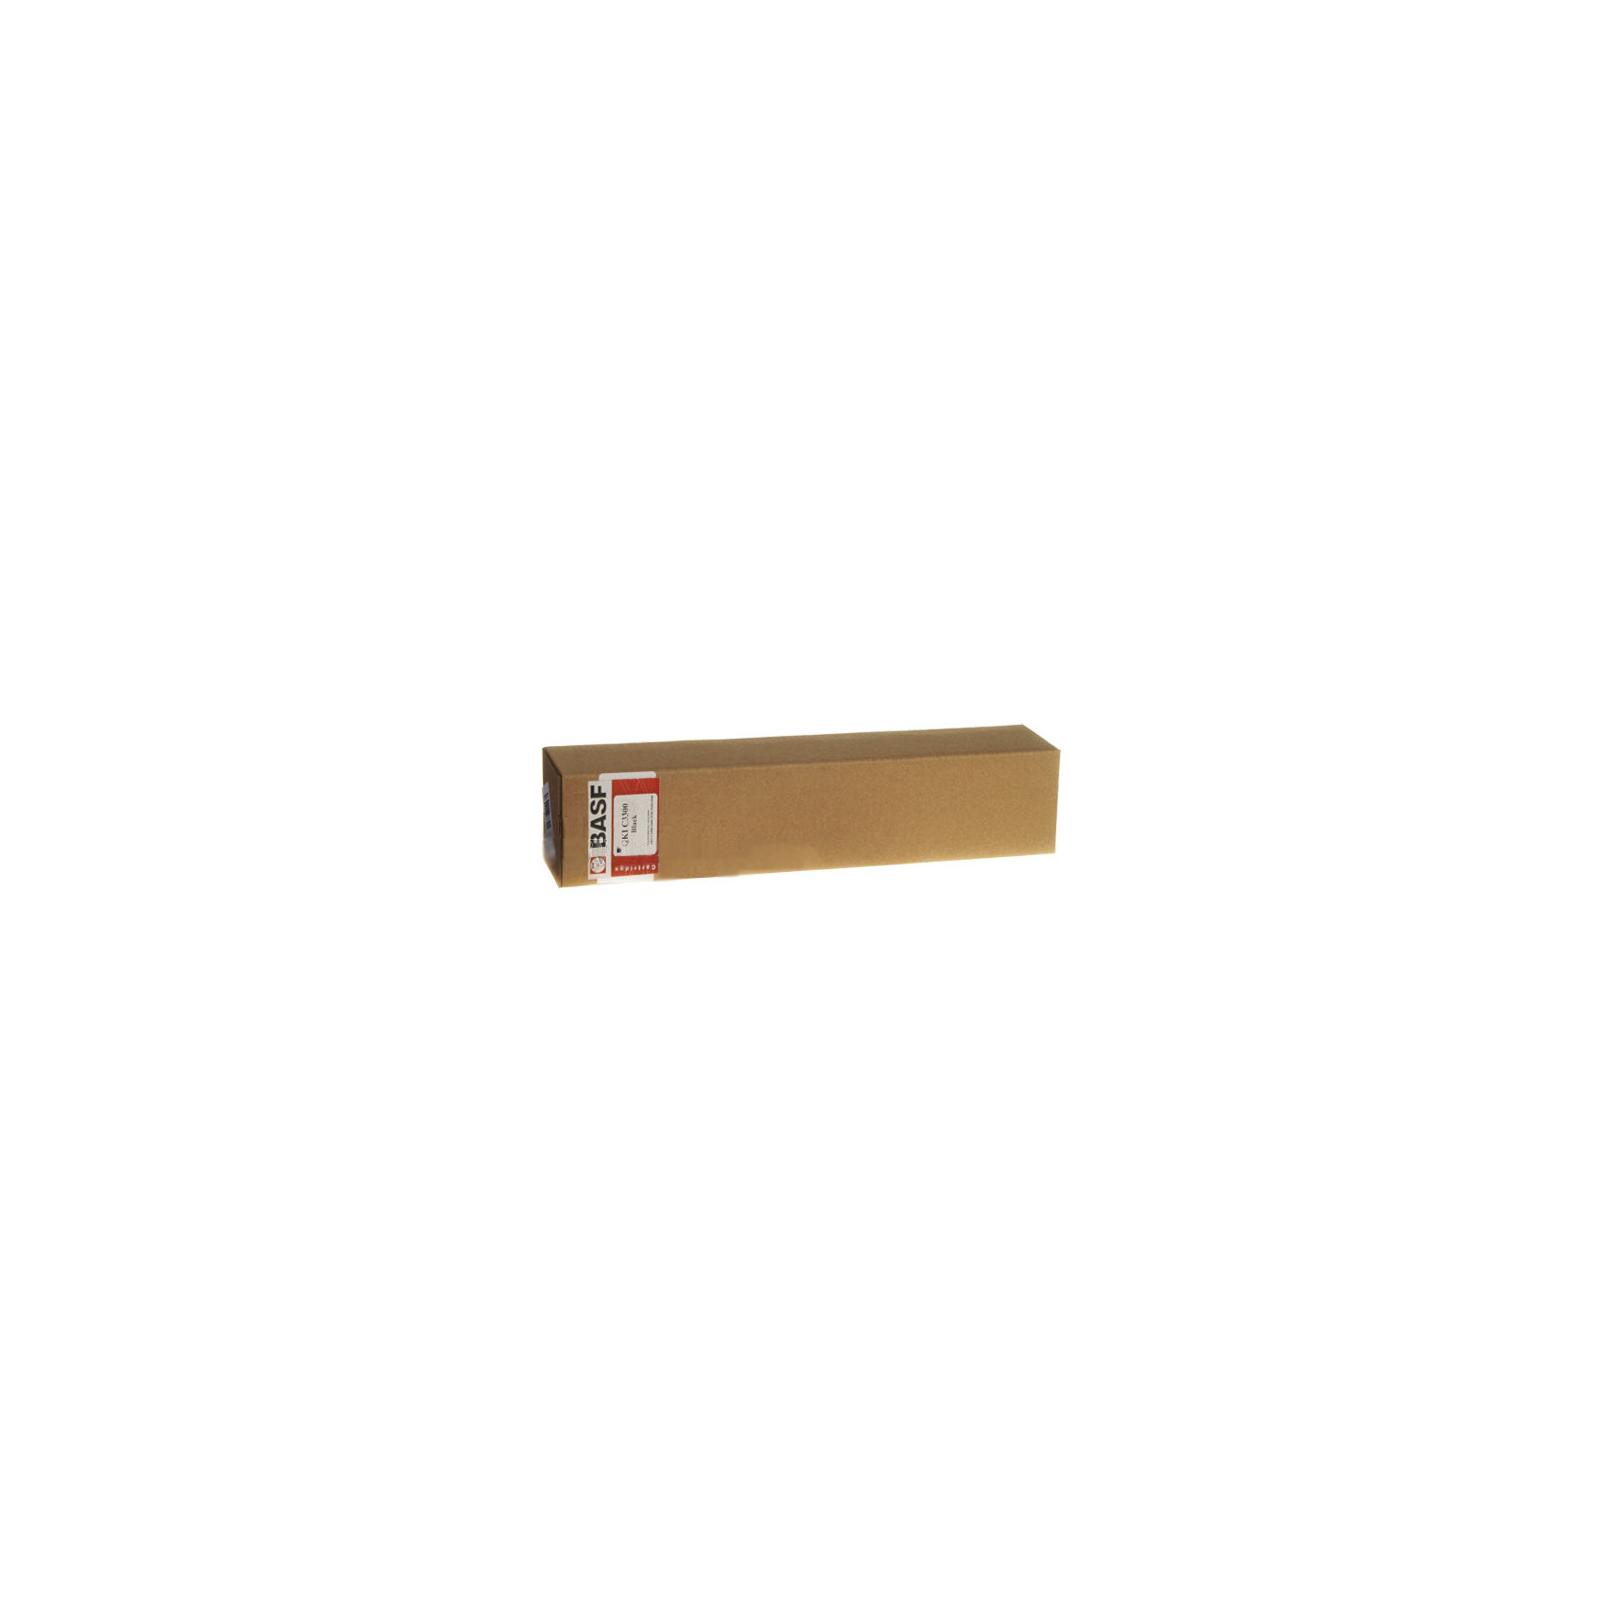 Картридж BASF для OKI C3300/3400 Black (B-43459348)